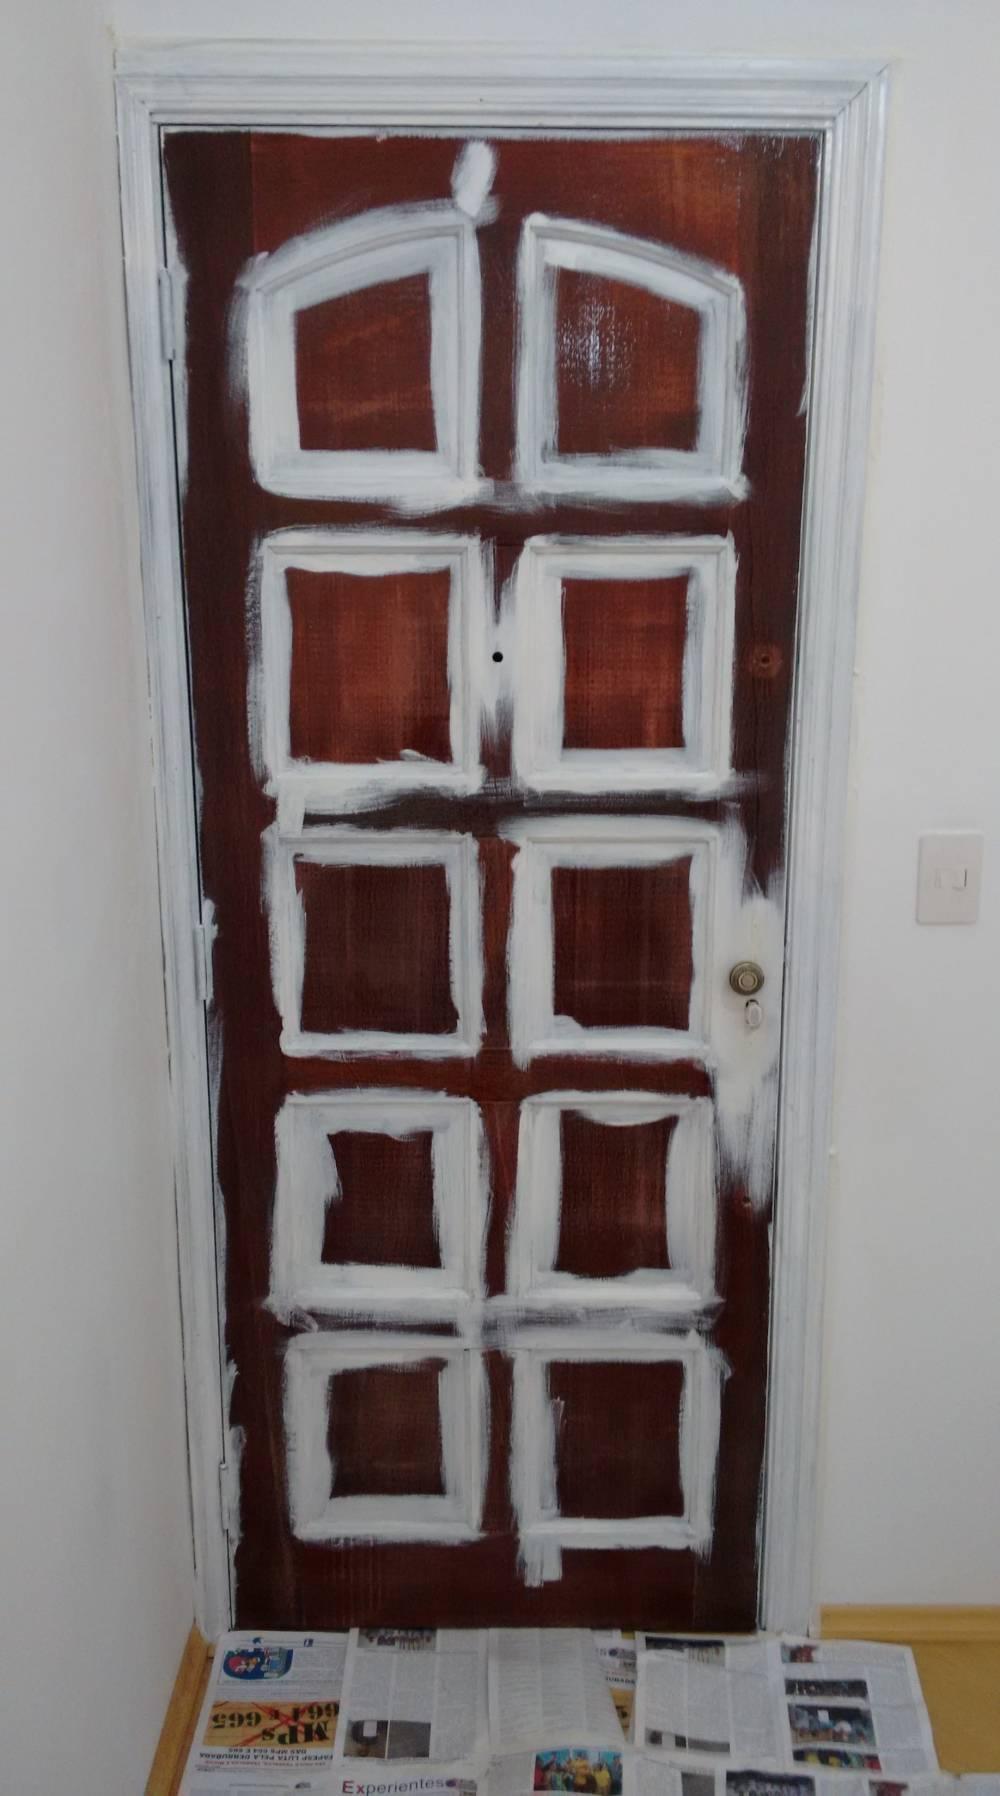 Profissional Que Faça Reparos Residenciais na Vila Henrique Cunha Bueno - Reparos para Residência